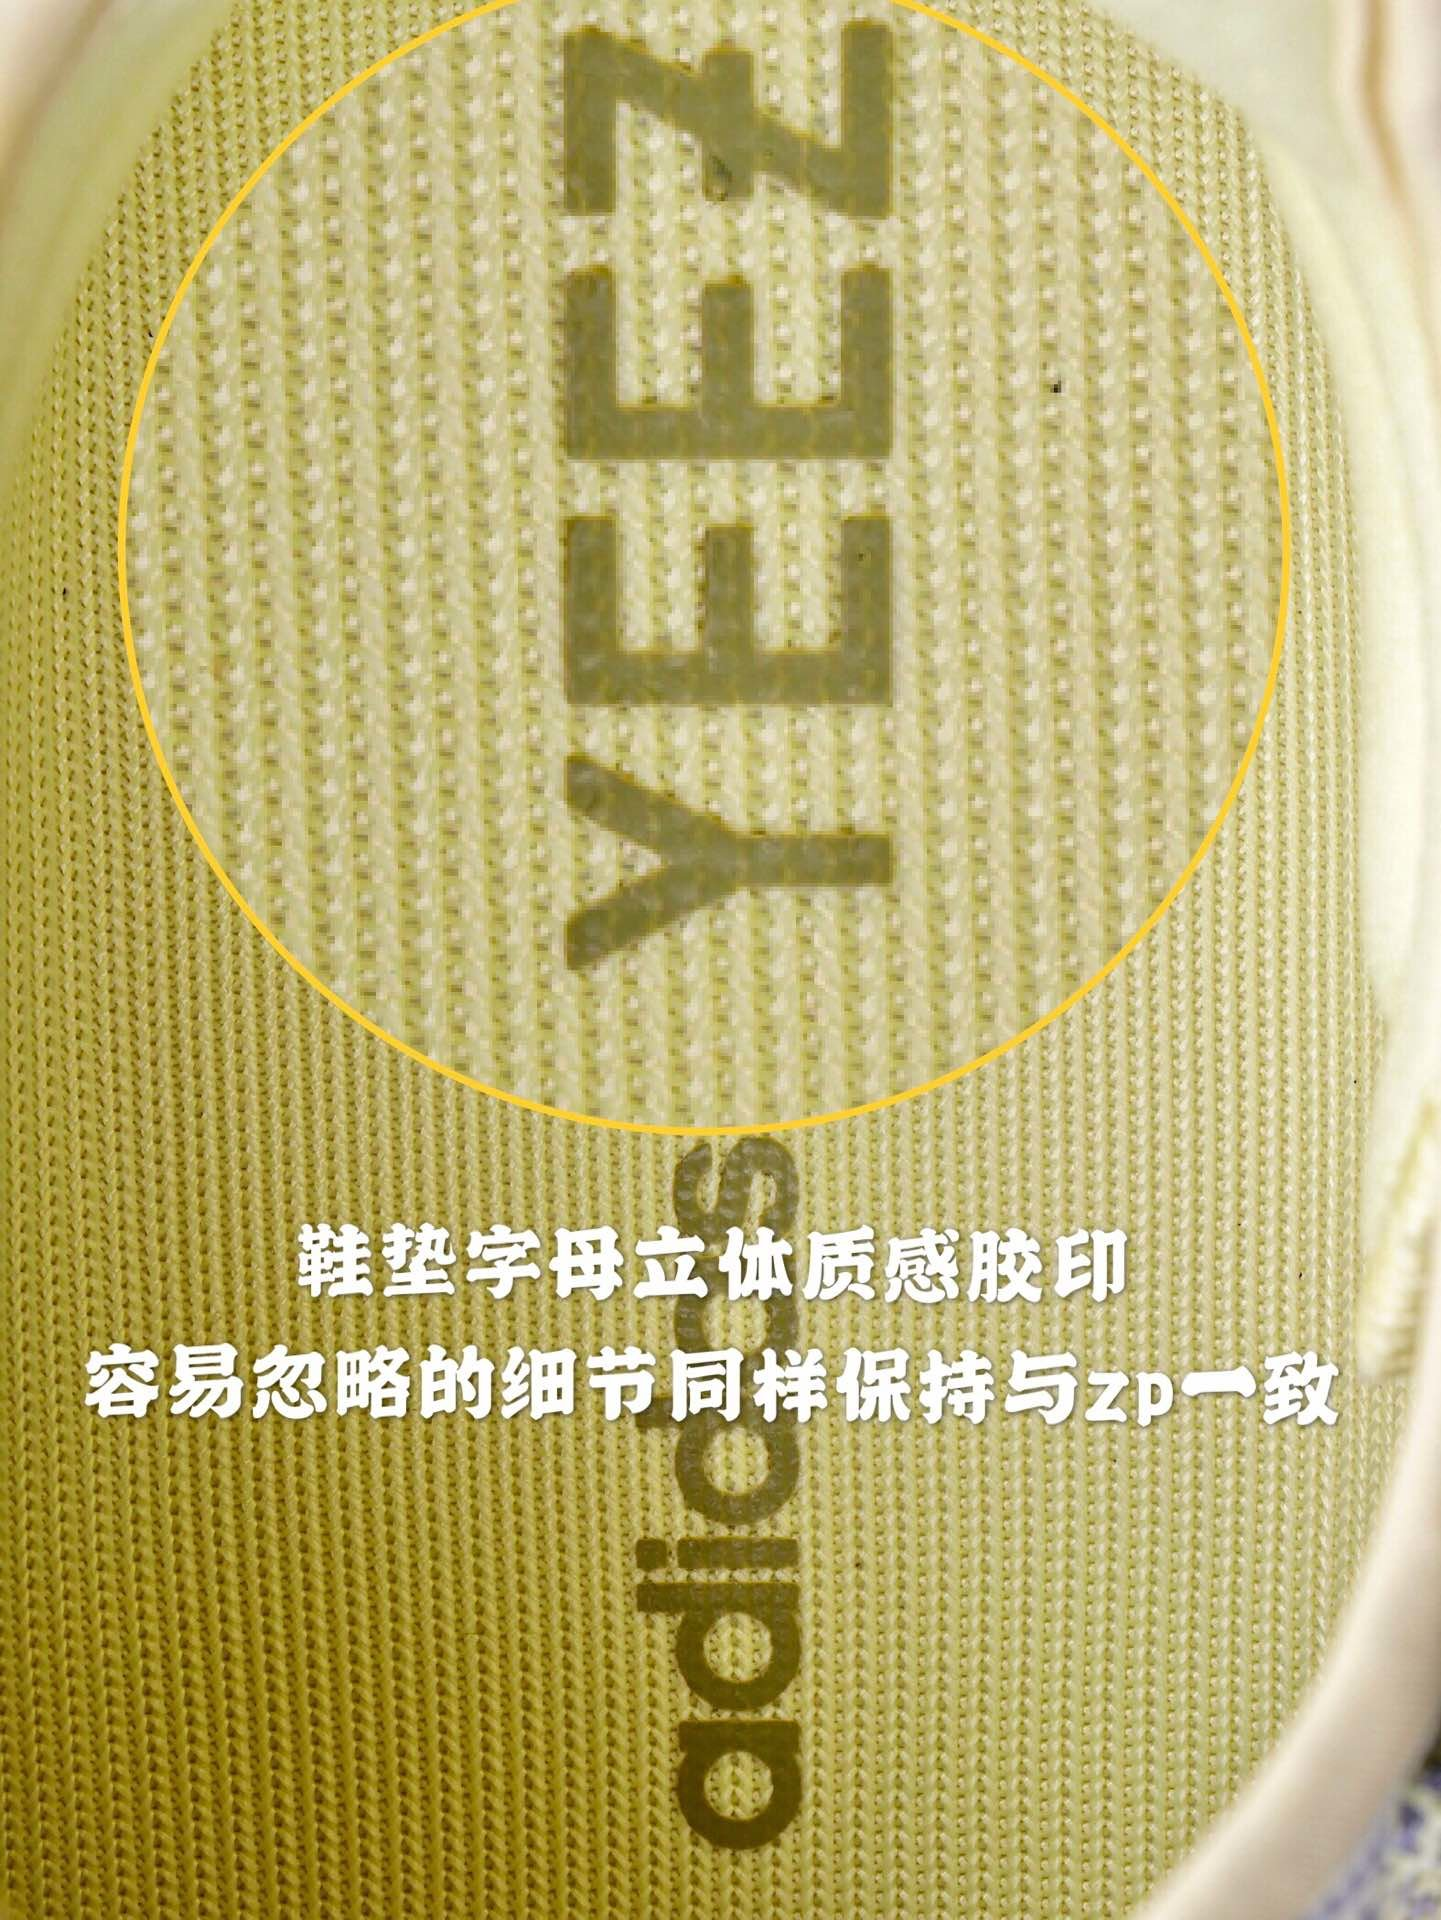 """椰子GT版-YEEZY BOOST 350 V2 """"丁黄满天星""""FV3255 GT纯原细节图解"""